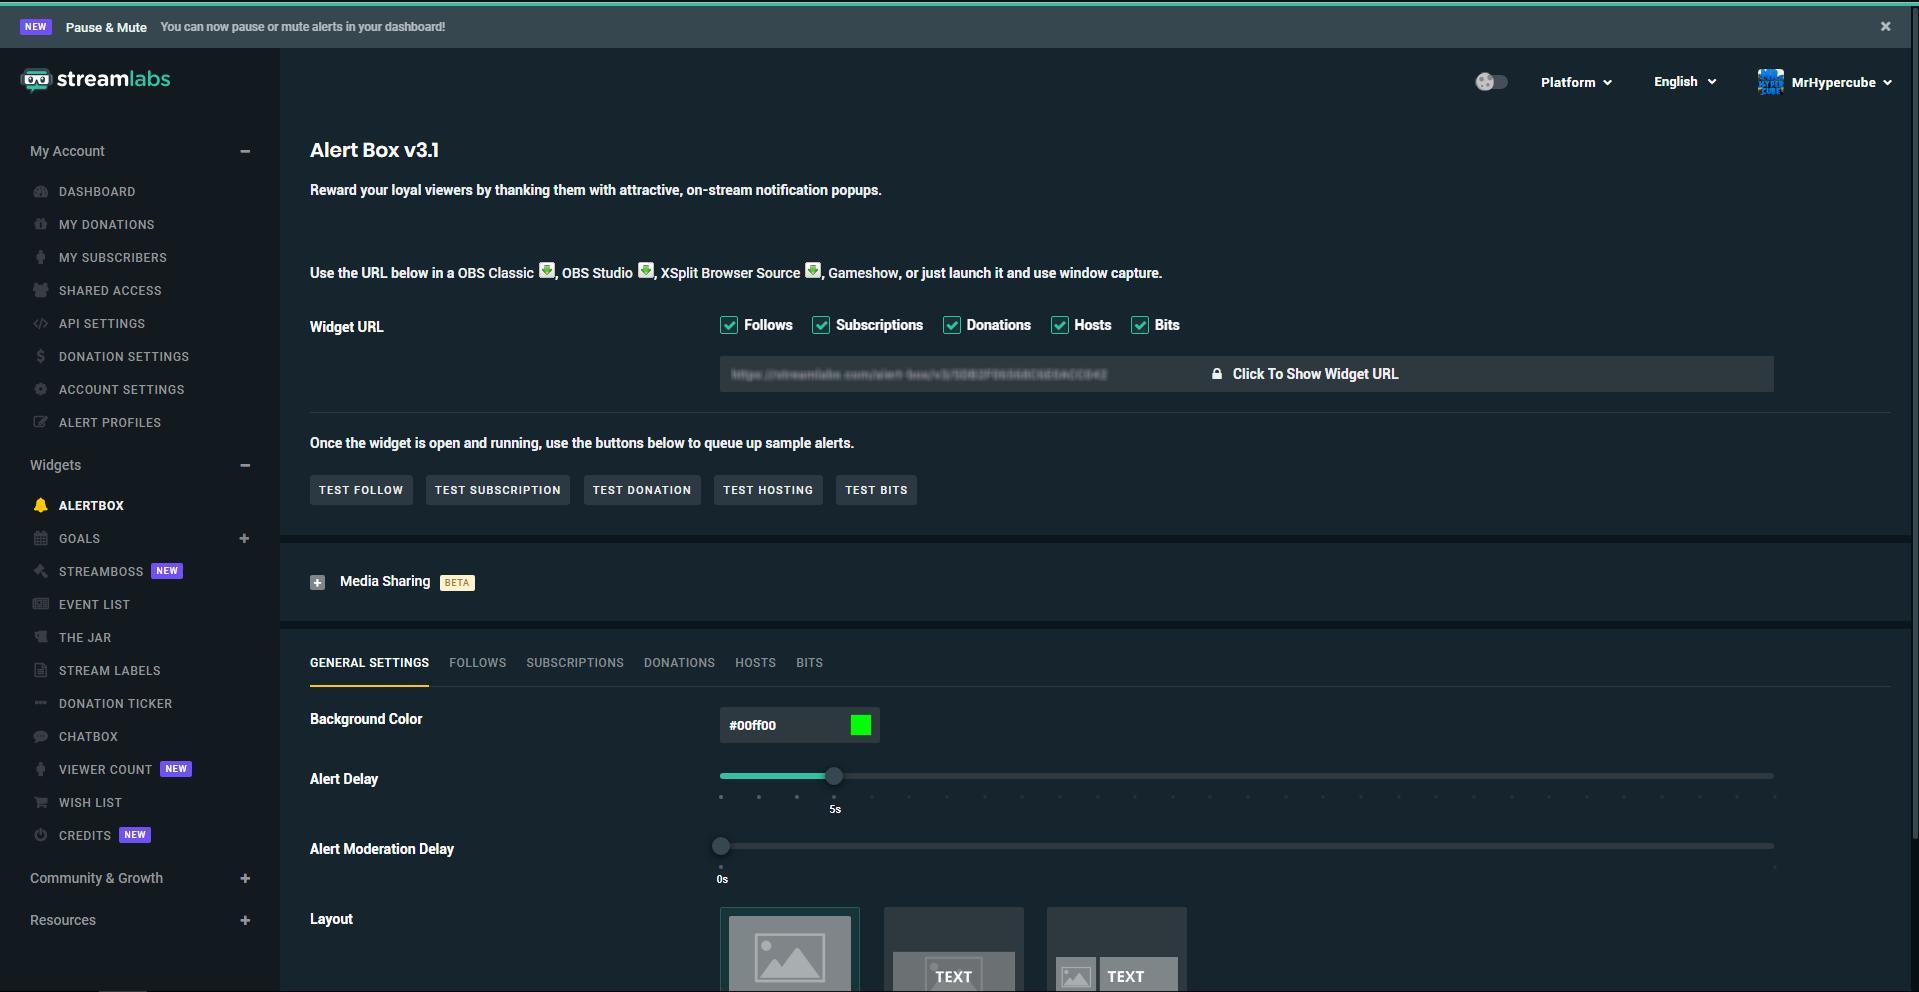 PUBG - How to Stream to Twitch